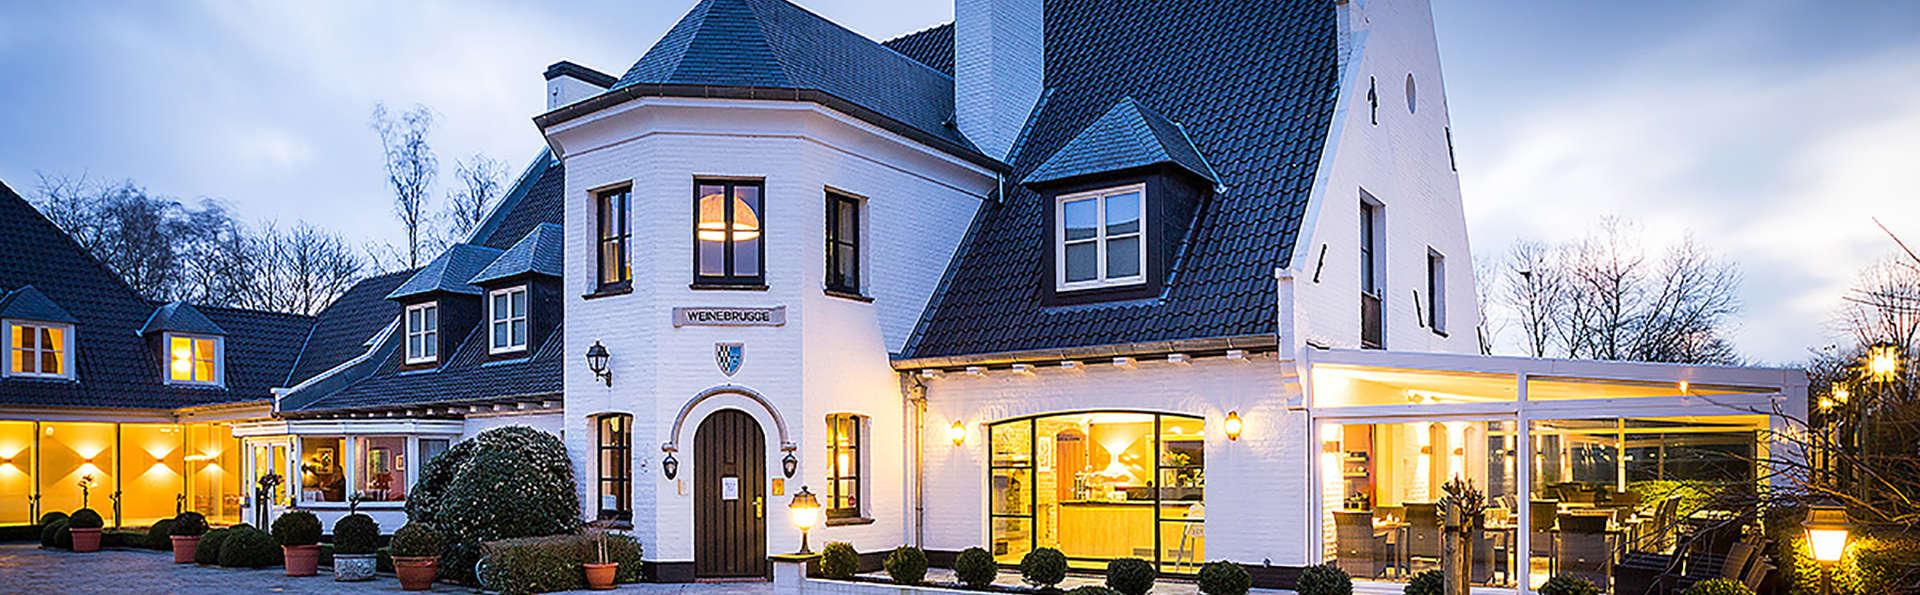 Hotel – Restaurant Weinebrugge  - Edit_Front7.jpg